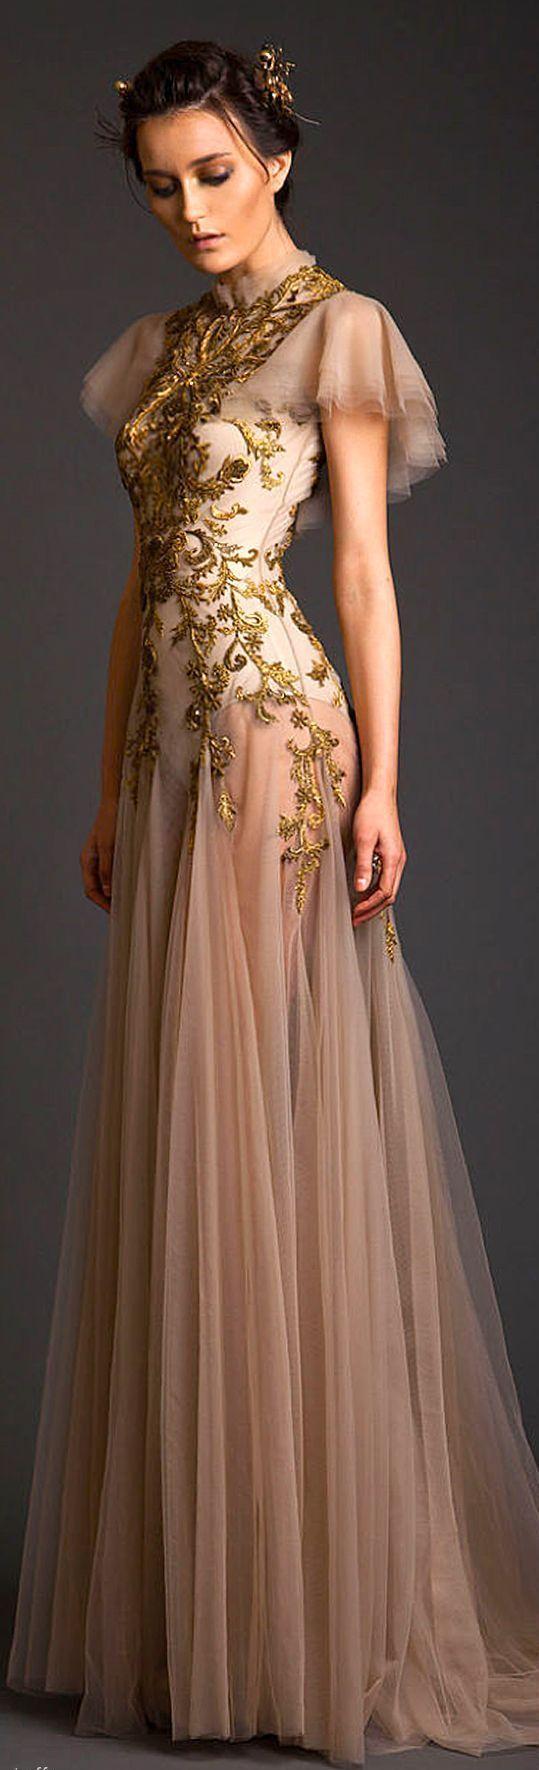 Krikor Jabotian Couture S/S 2014 LBV